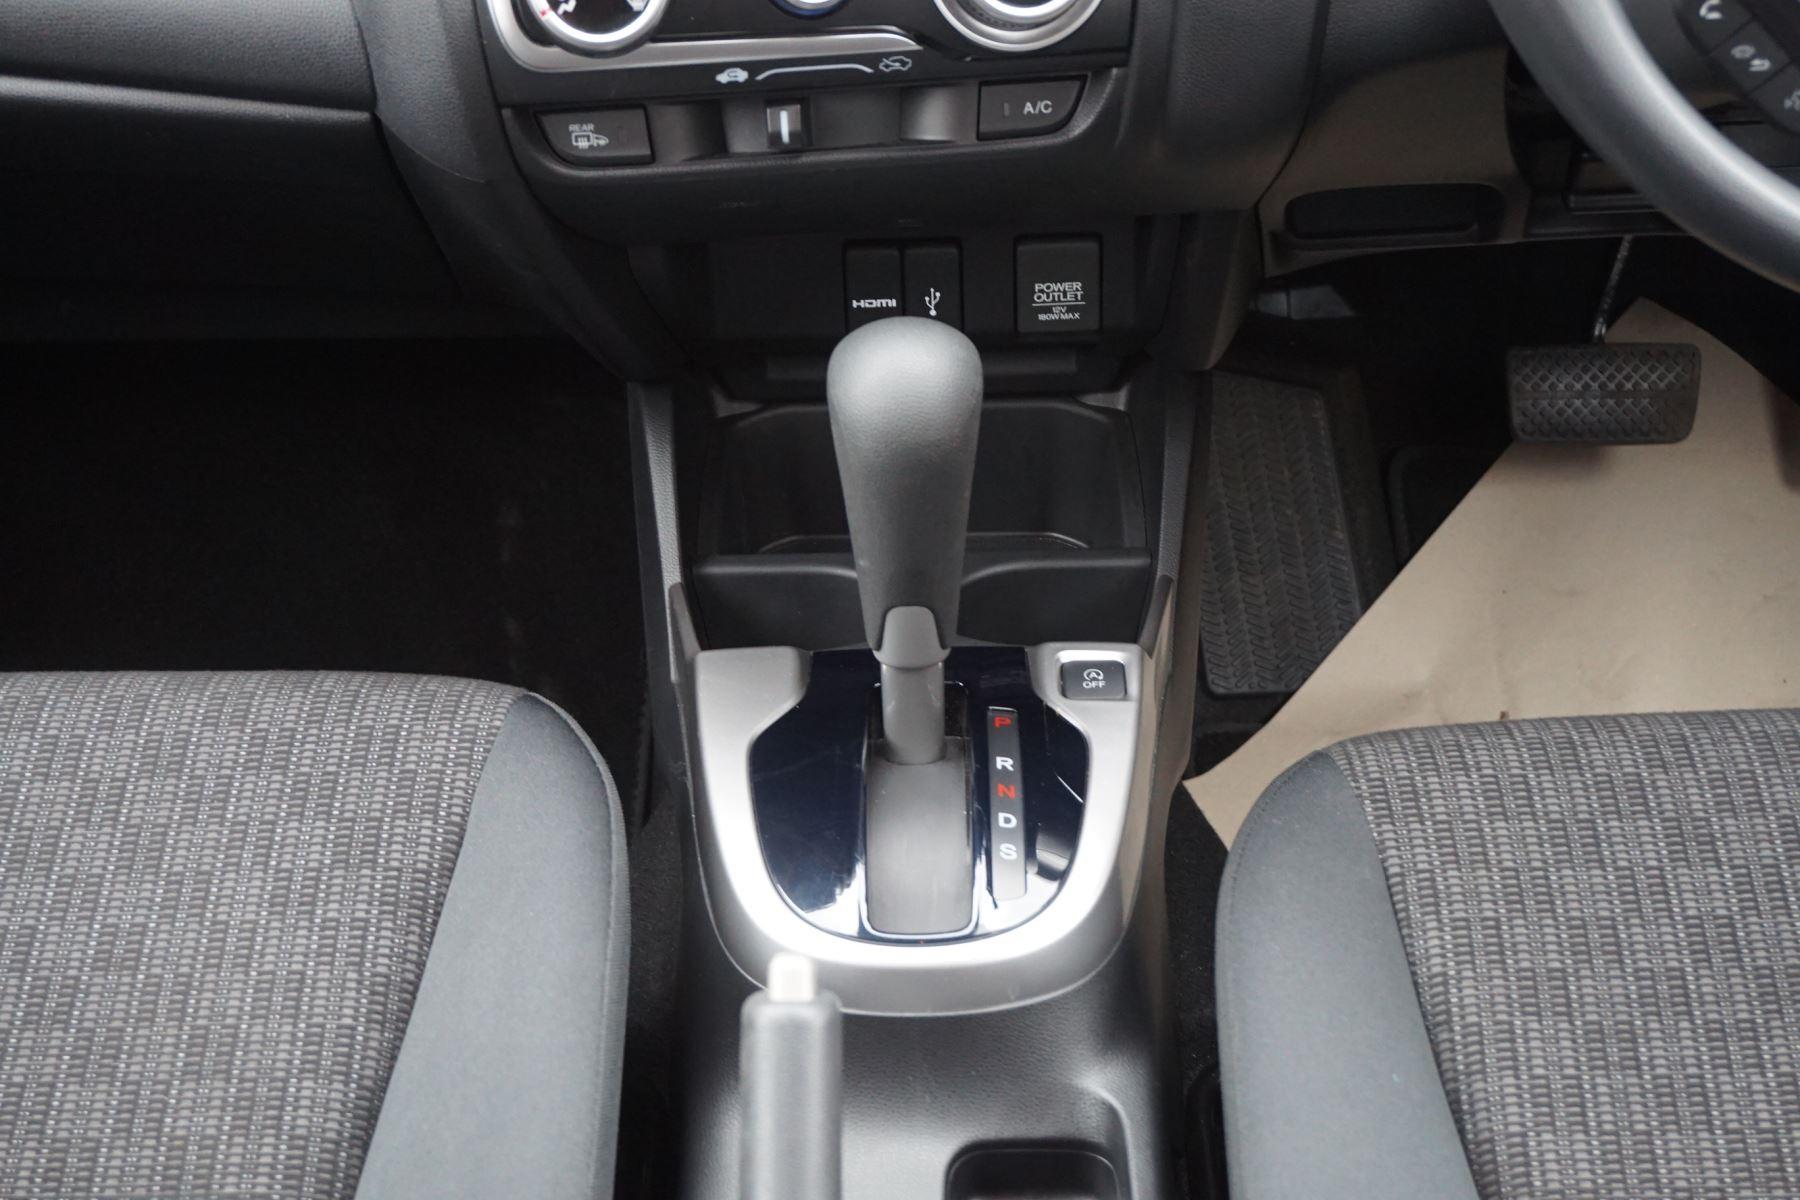 Honda Jazz 1.3 SE Navi CVT image 14